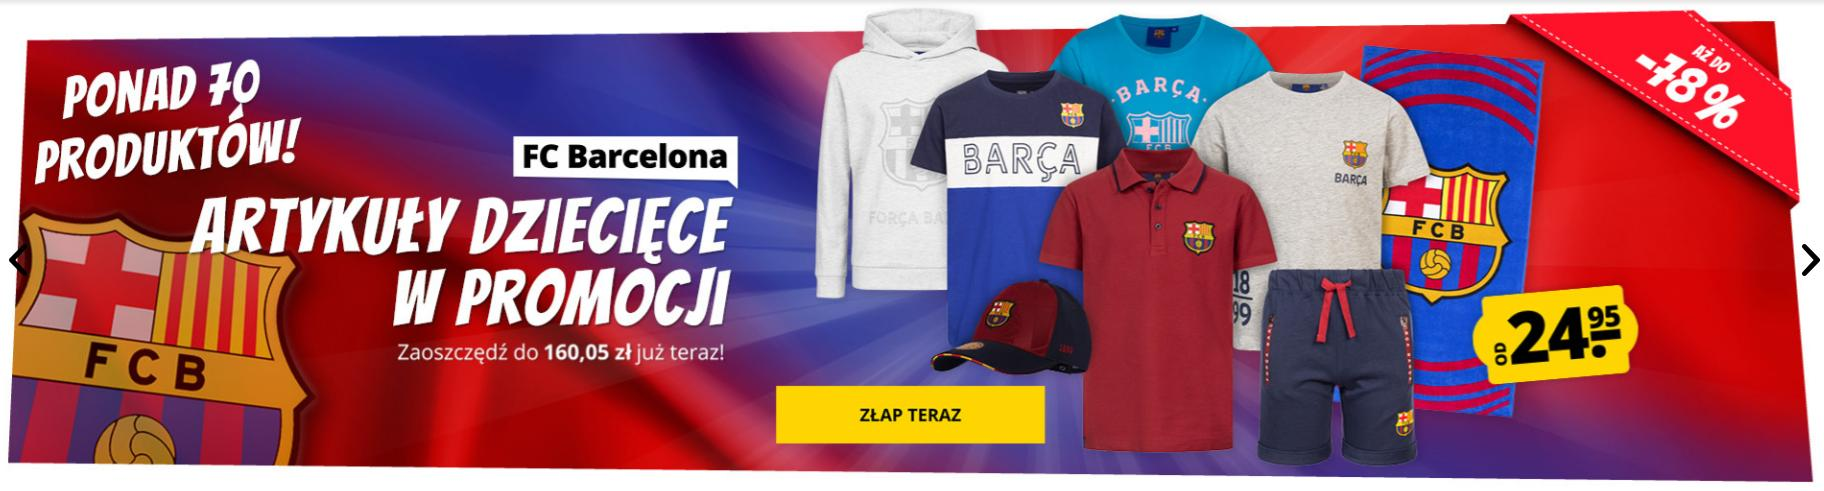 Sport Rabat: do 78% rabatu na artykuły dziecięce FC Barcelona